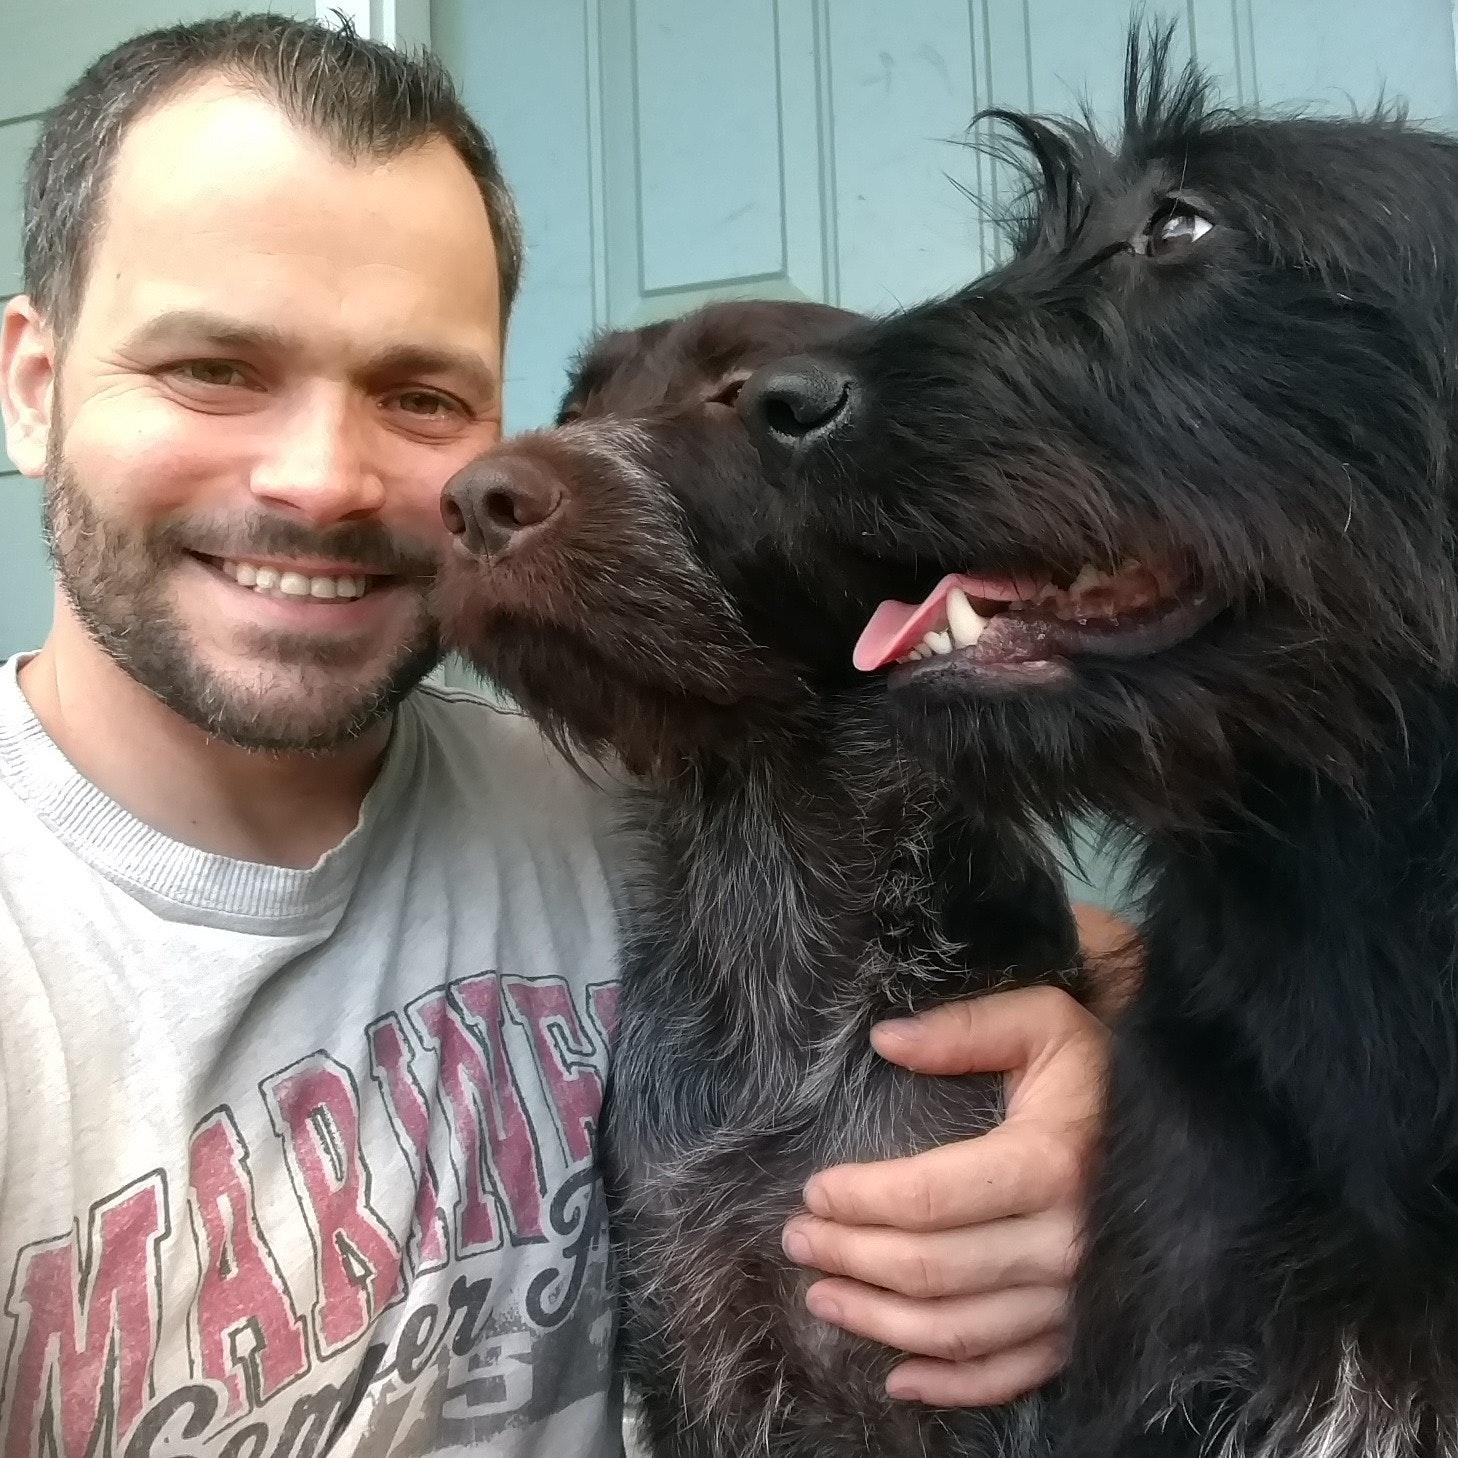 Tony's dog day care